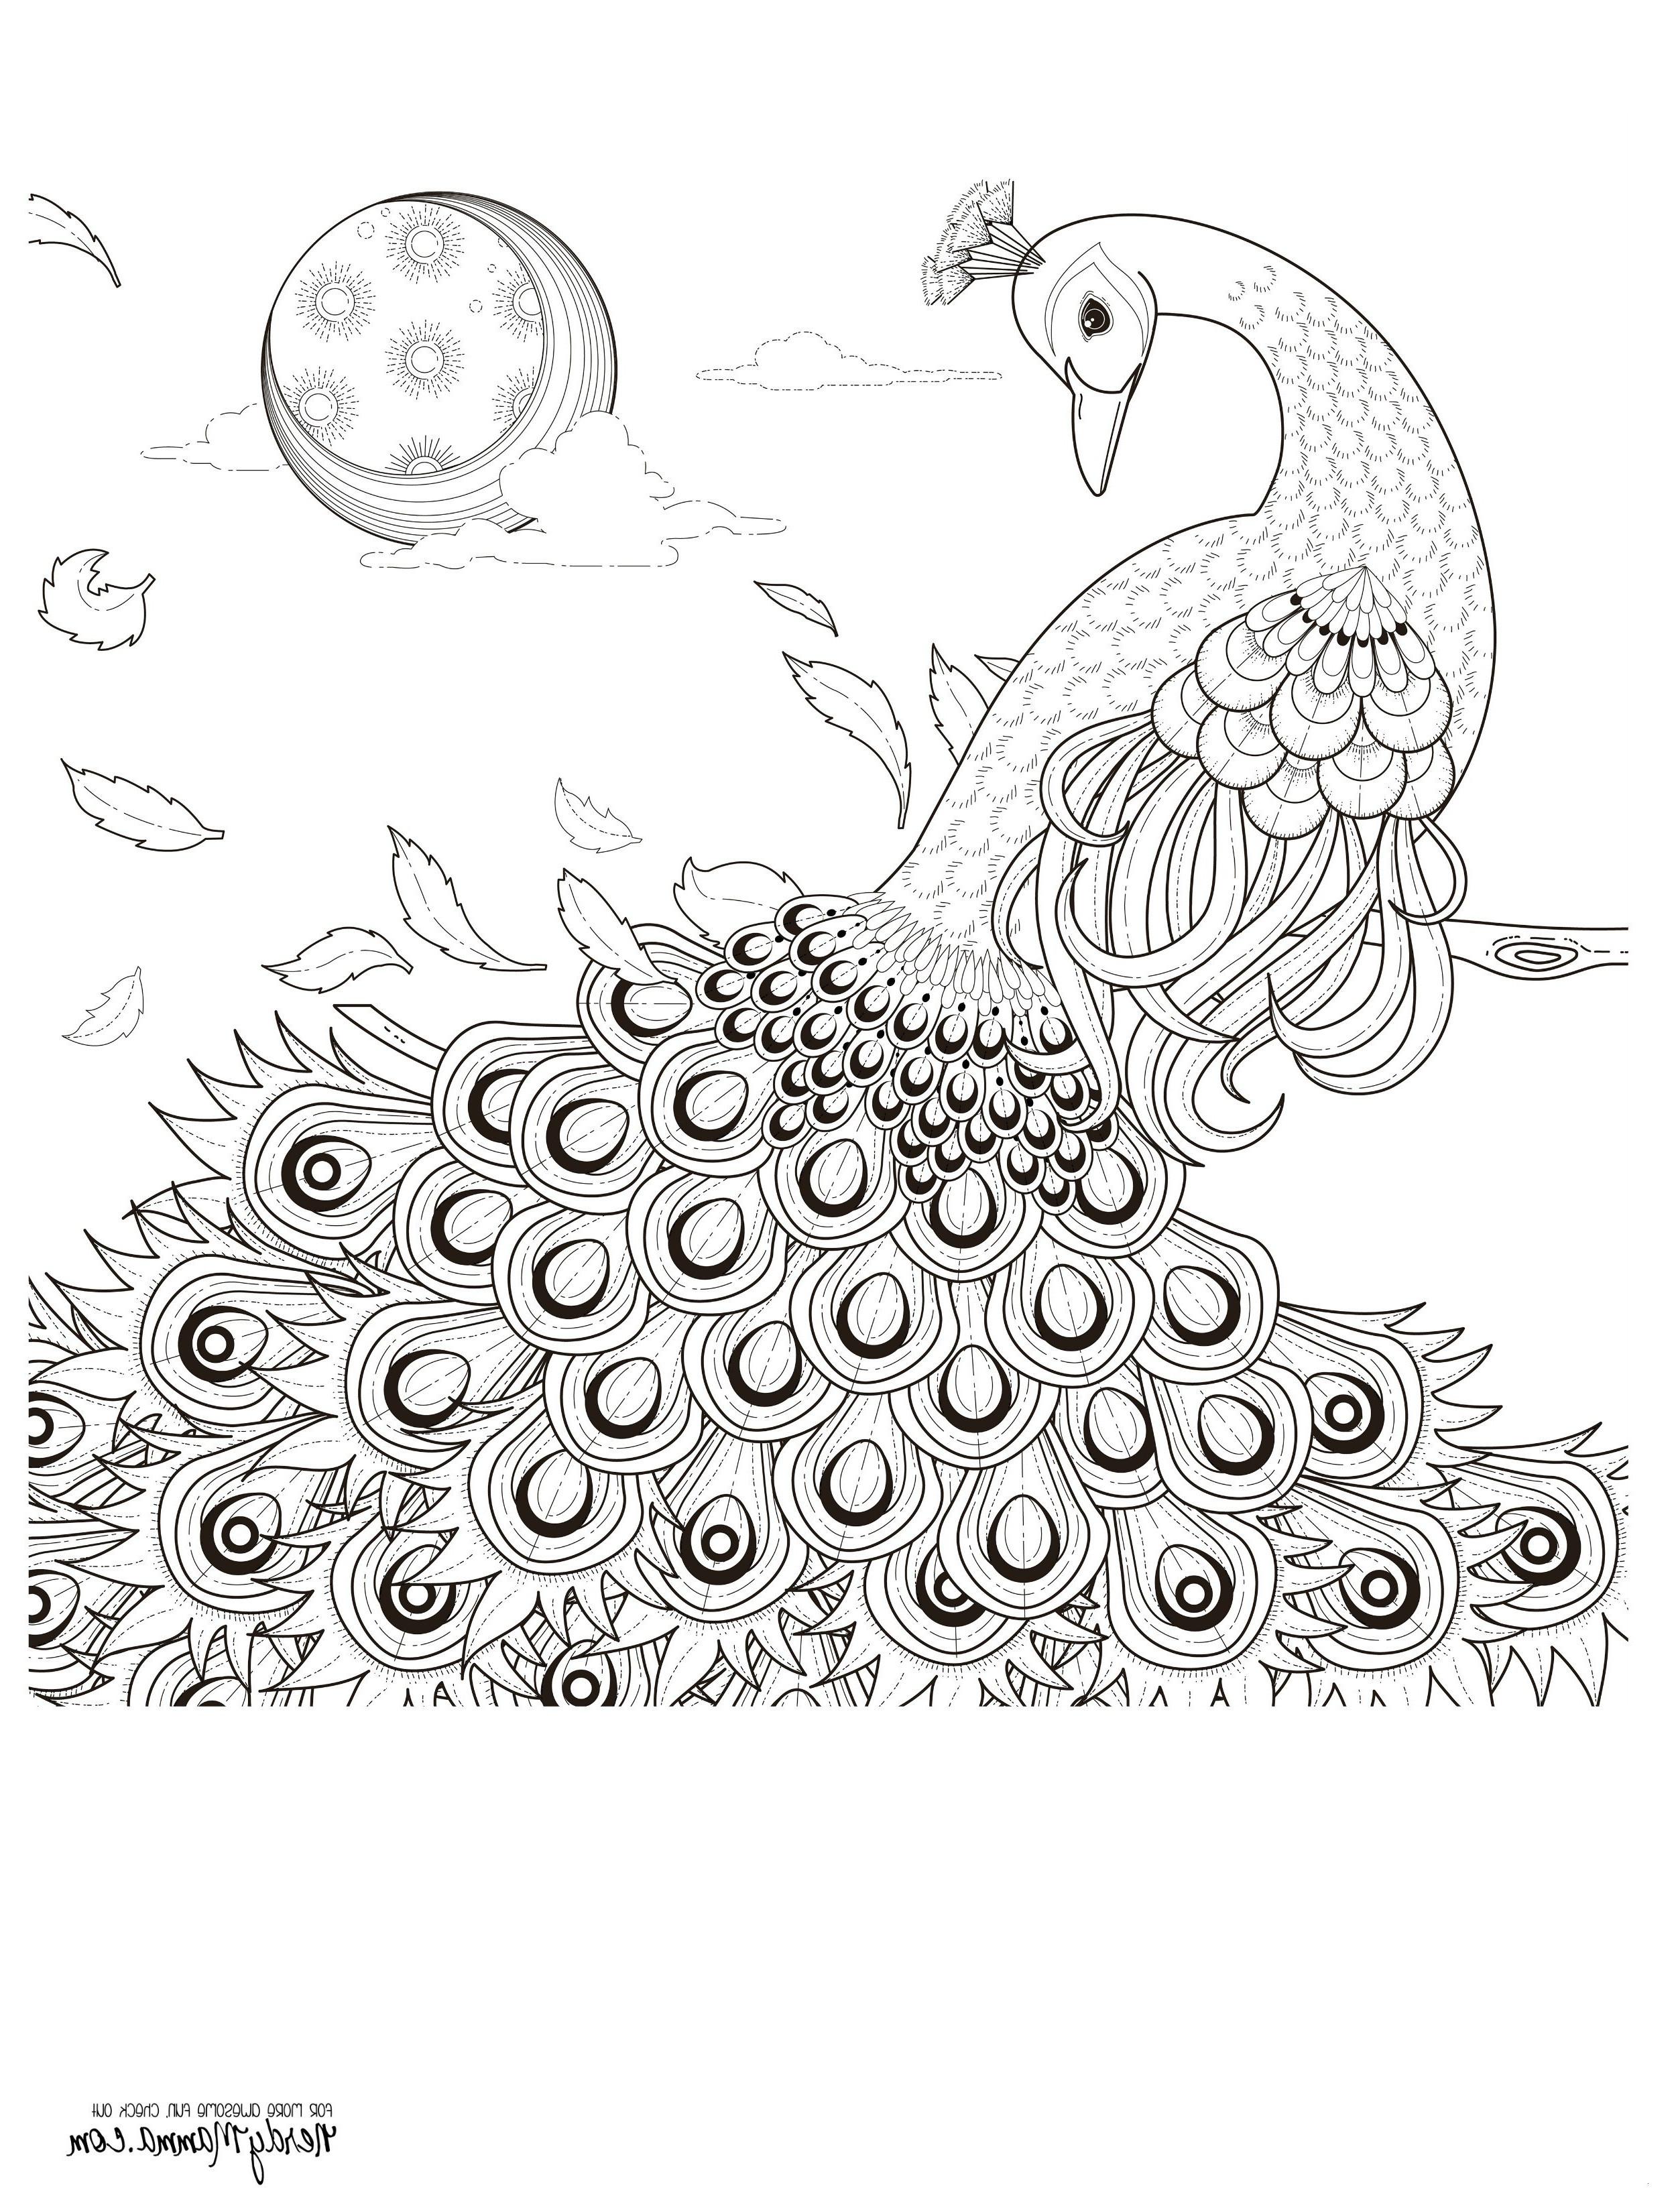 Unterwasserwelt Zum Ausmalen Frisch 29 Inspirierend Unterwasserwelt Malvorlagen – Malvorlagen Ideen Stock